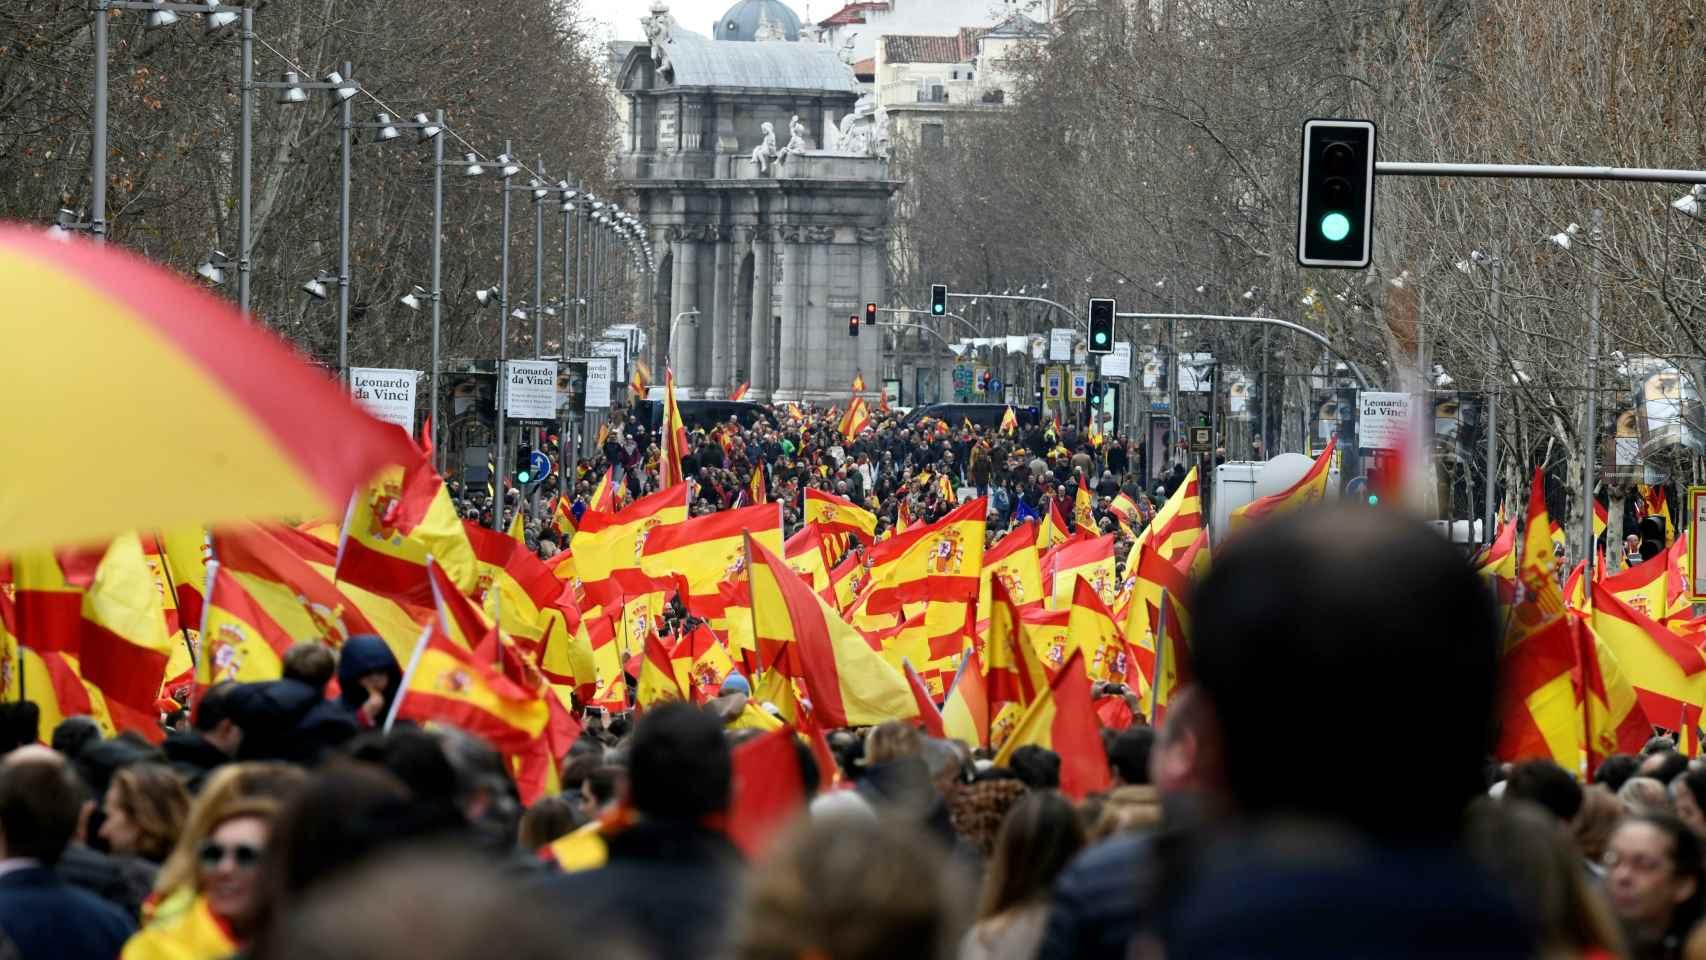 Desde la calle Velázquez, mirando a la puerta de Alcalá, las calles de Madrid atestadas de manifestantes.